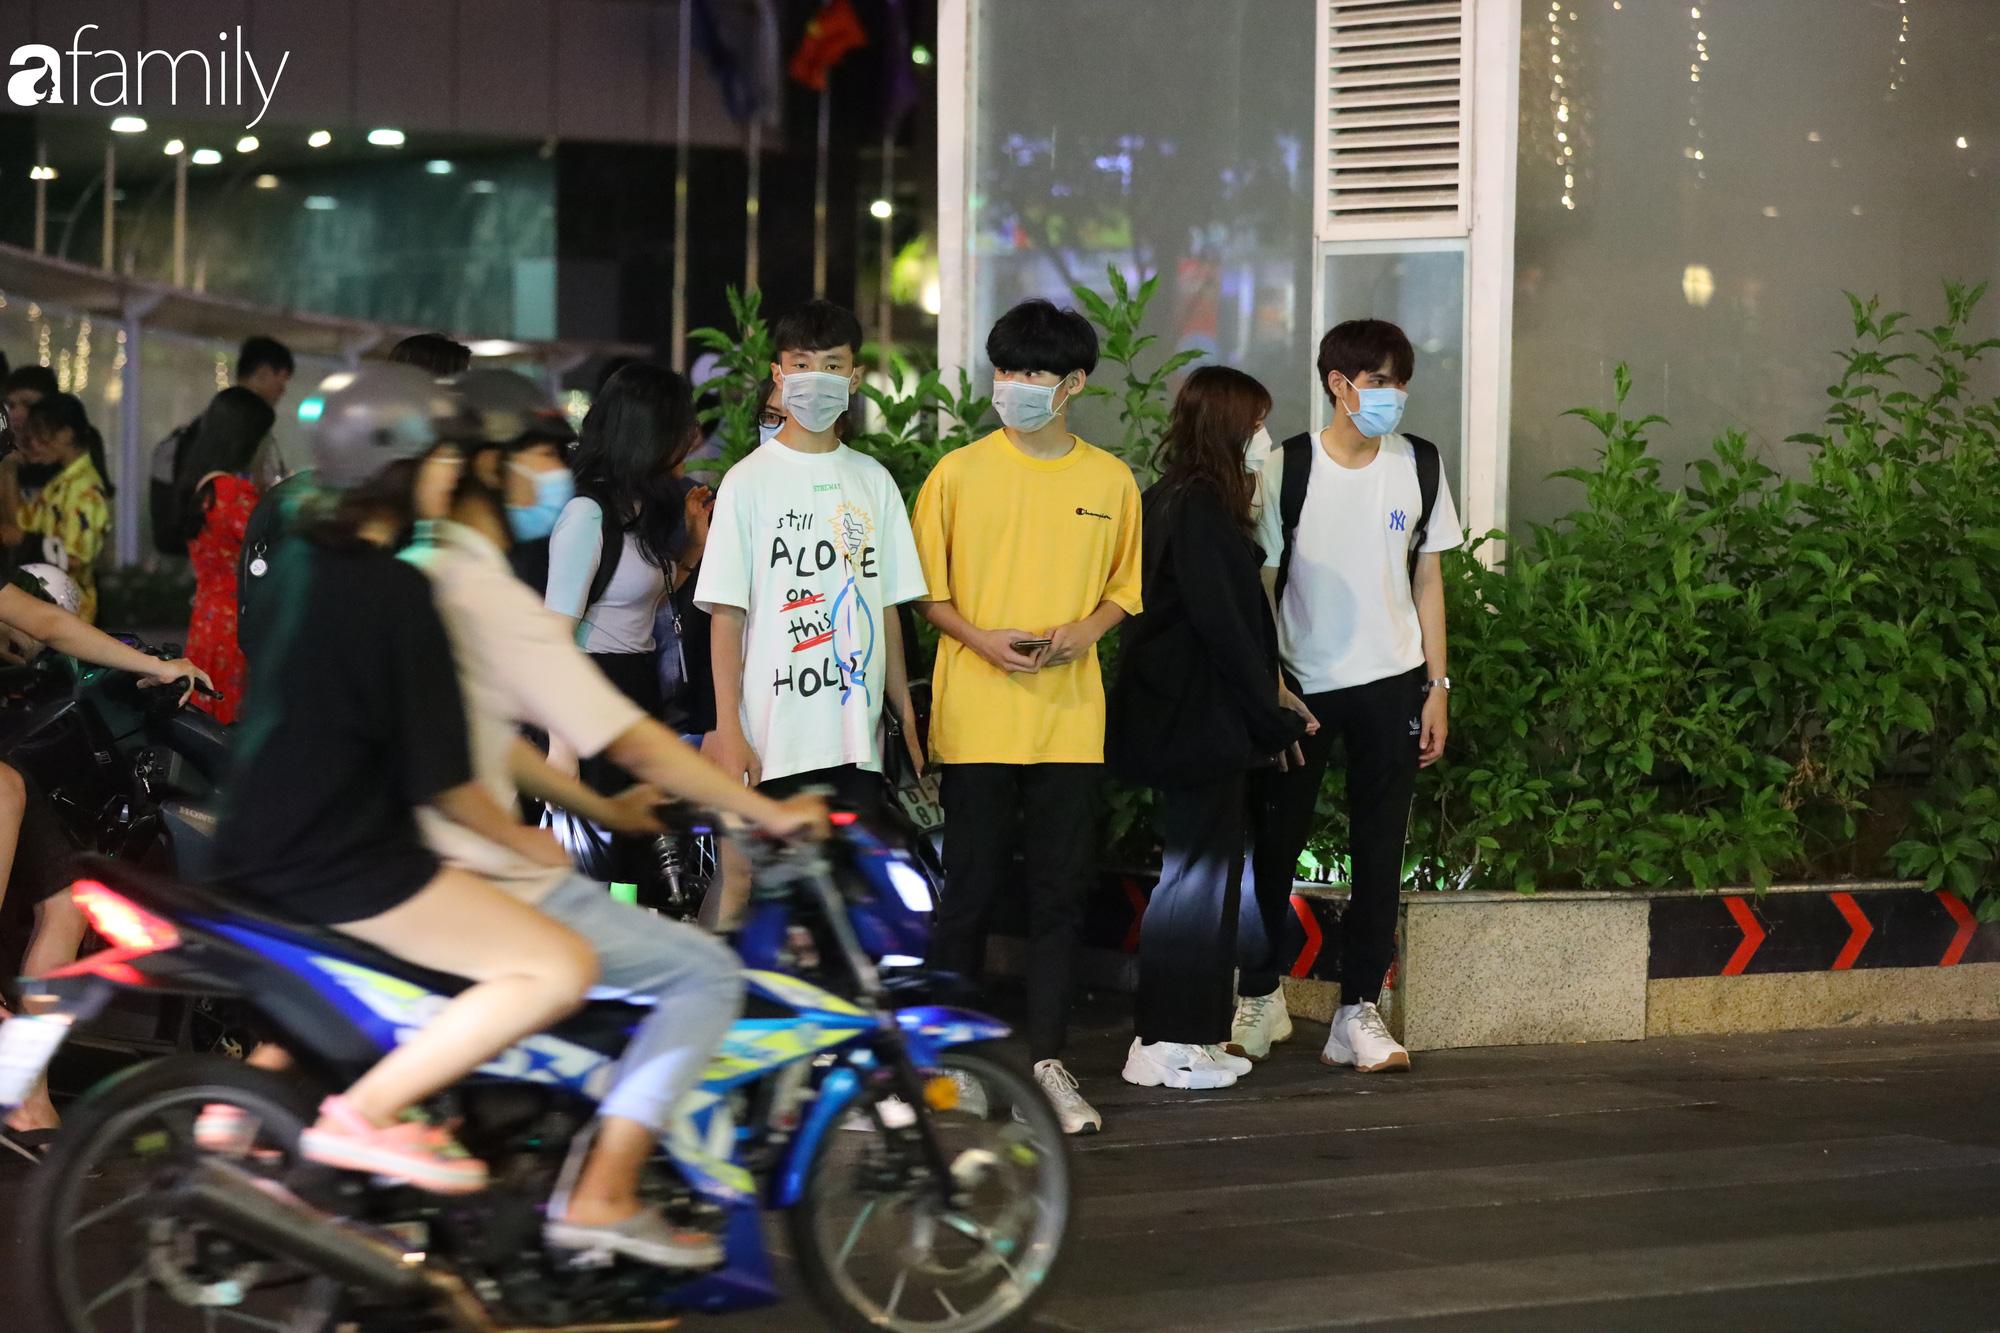 Valentine Hà Nội - Sài Gòn vắng vẻ đìu hiu vì dịch Corona, từ trung tâm thương mại đến phố phường đều ít bóng tình nhân đi chơi - Ảnh 17.